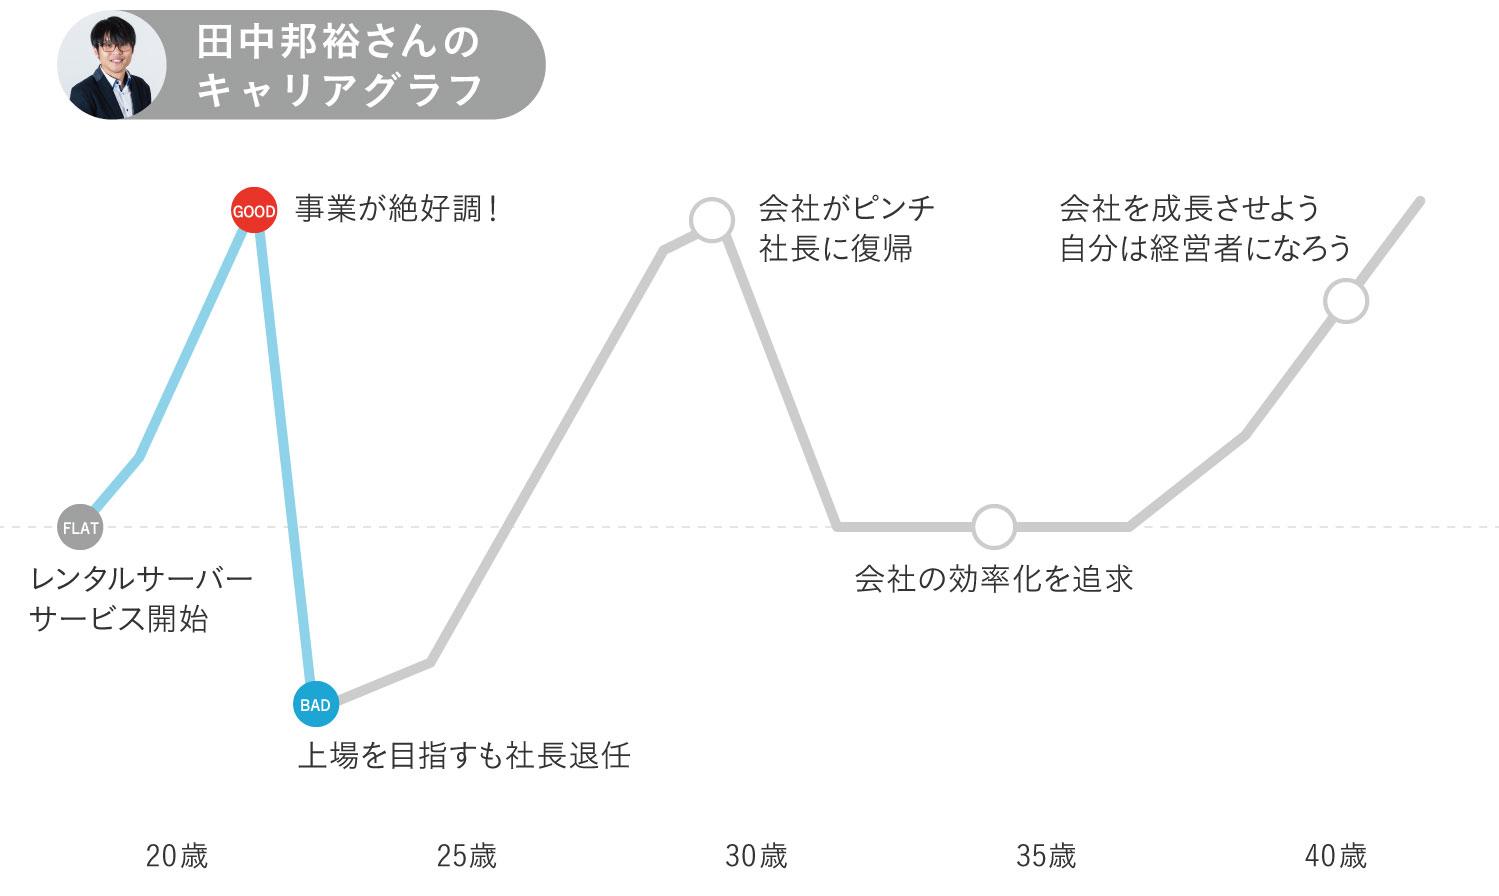 さくらインターネット田中邦裕さんキャリグラフ初期